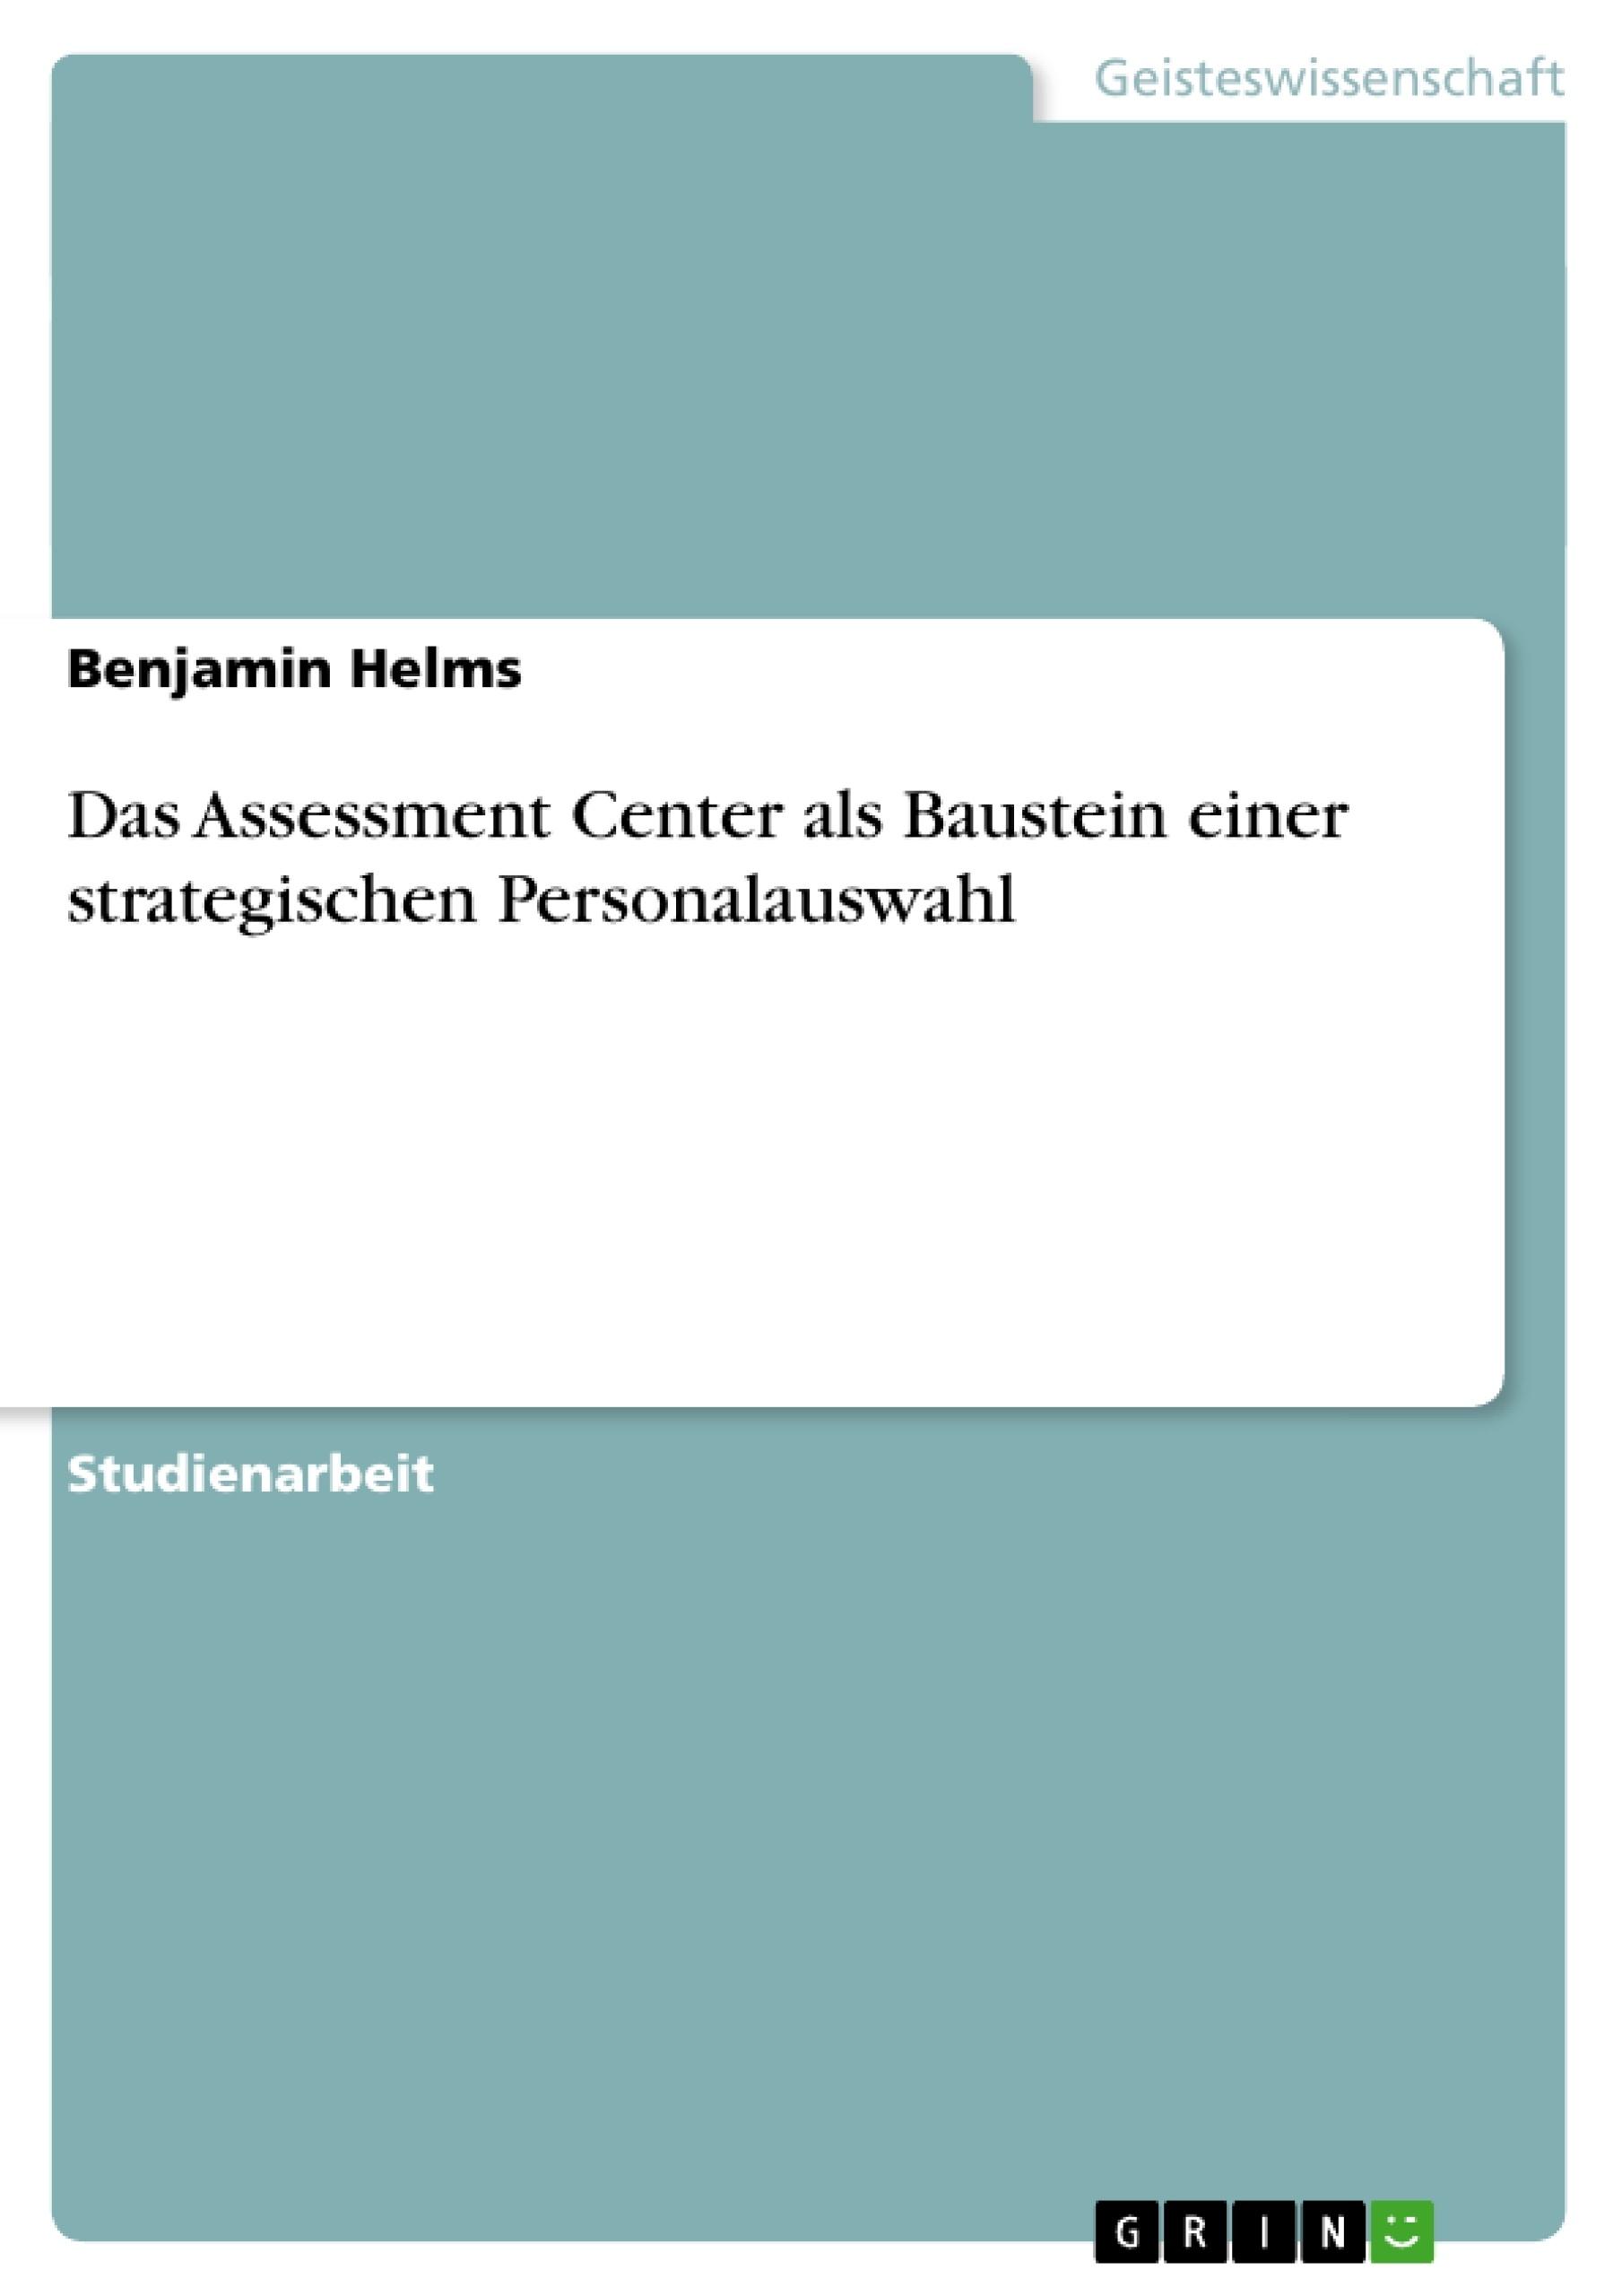 Titel: Das Assessment Center als Baustein einer strategischen Personalauswahl